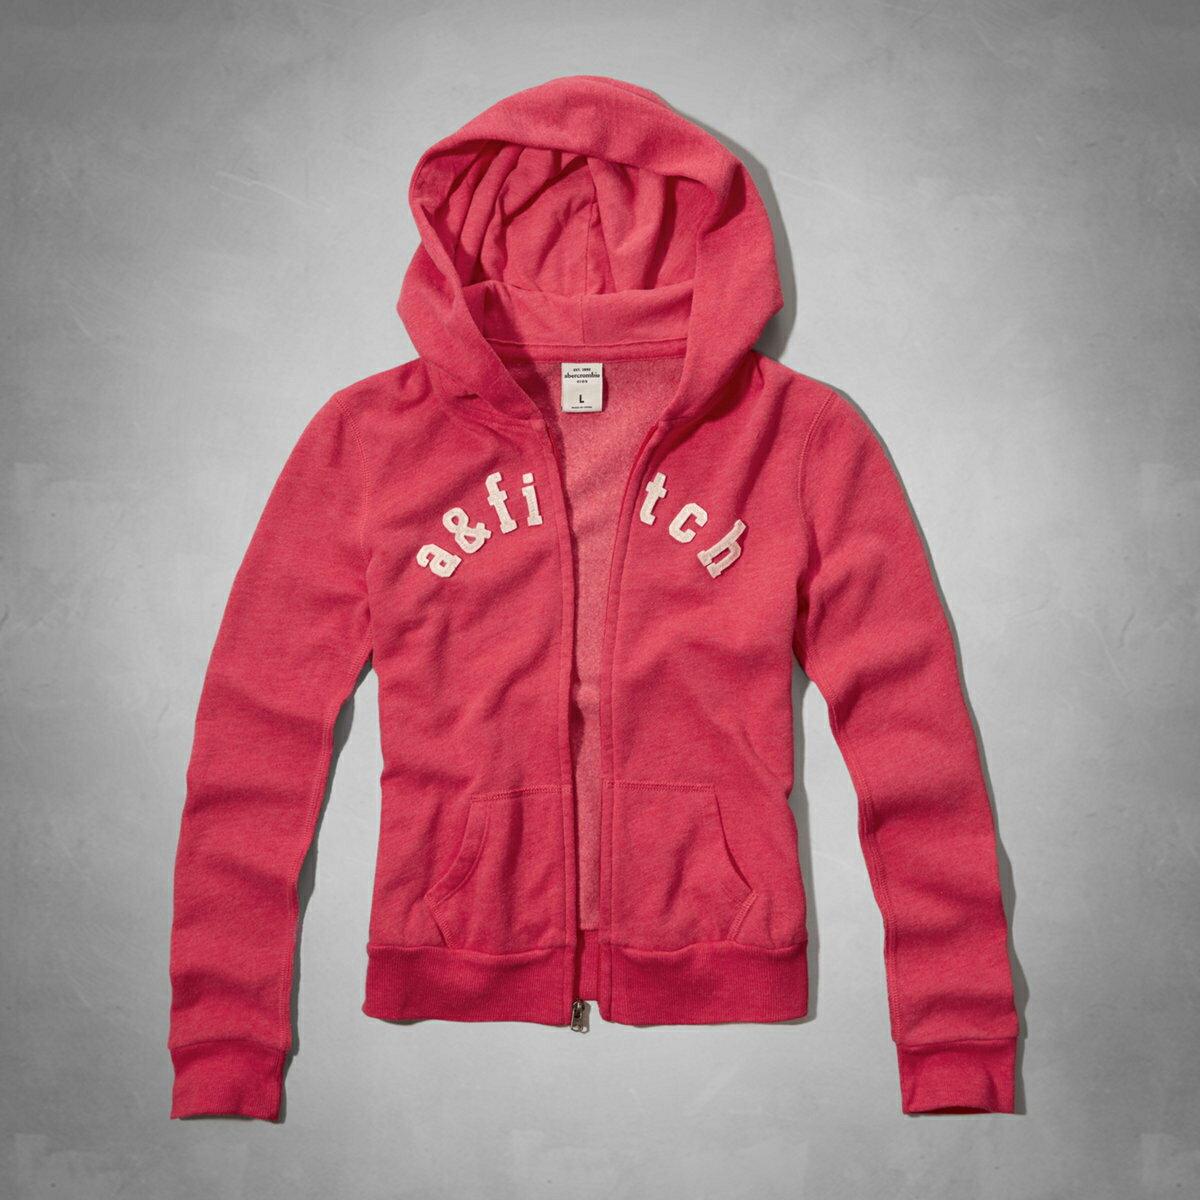 美國百分百【Abercrombie & Fitch】外套 AF 連帽 夾克 帽T 麋鹿 桃紅 粉紅 女 S號 E391